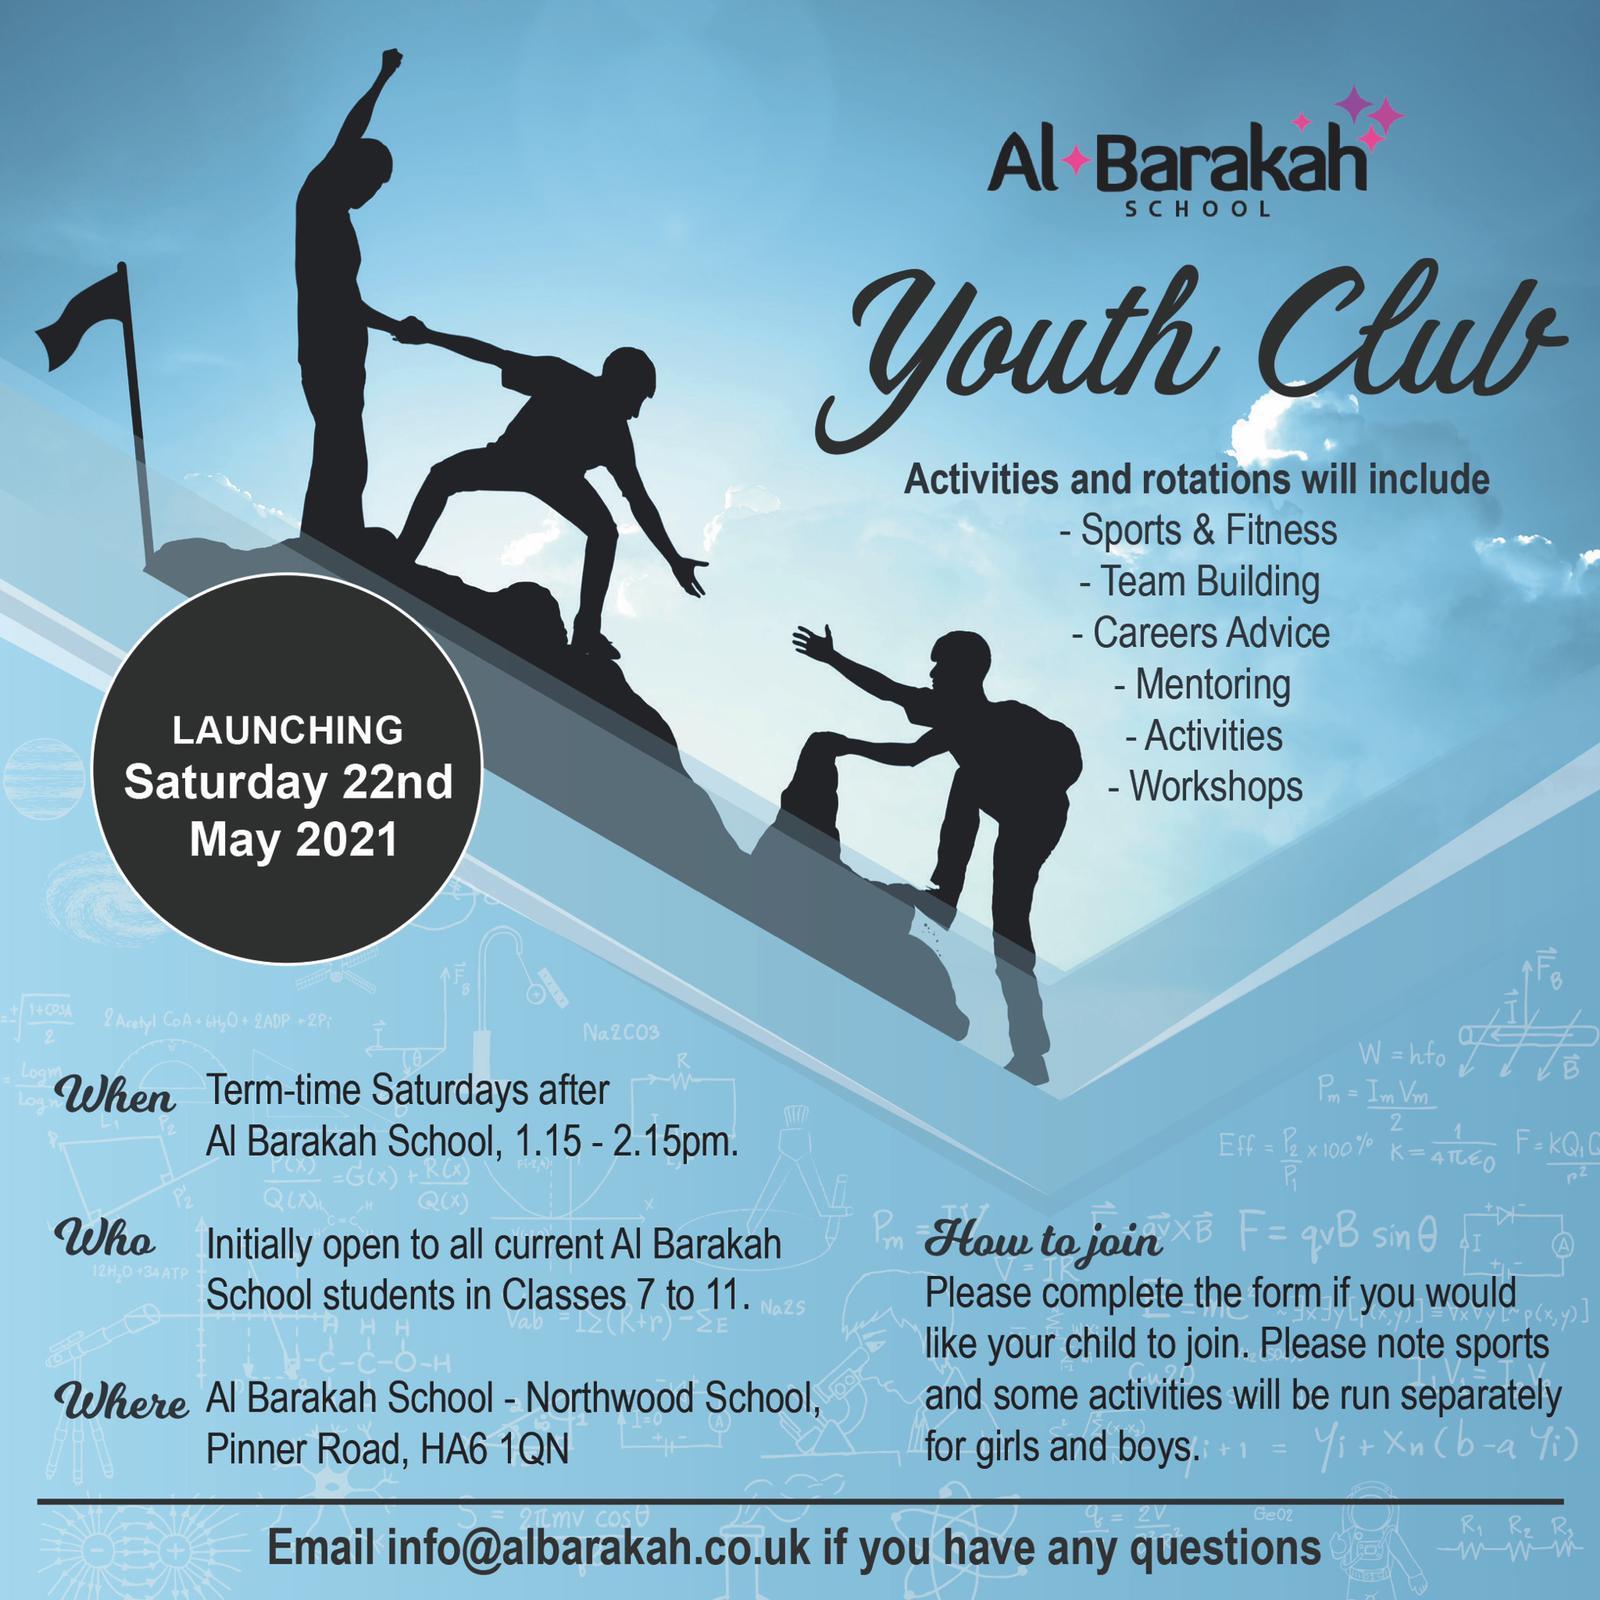 Al Barakah Youth Club